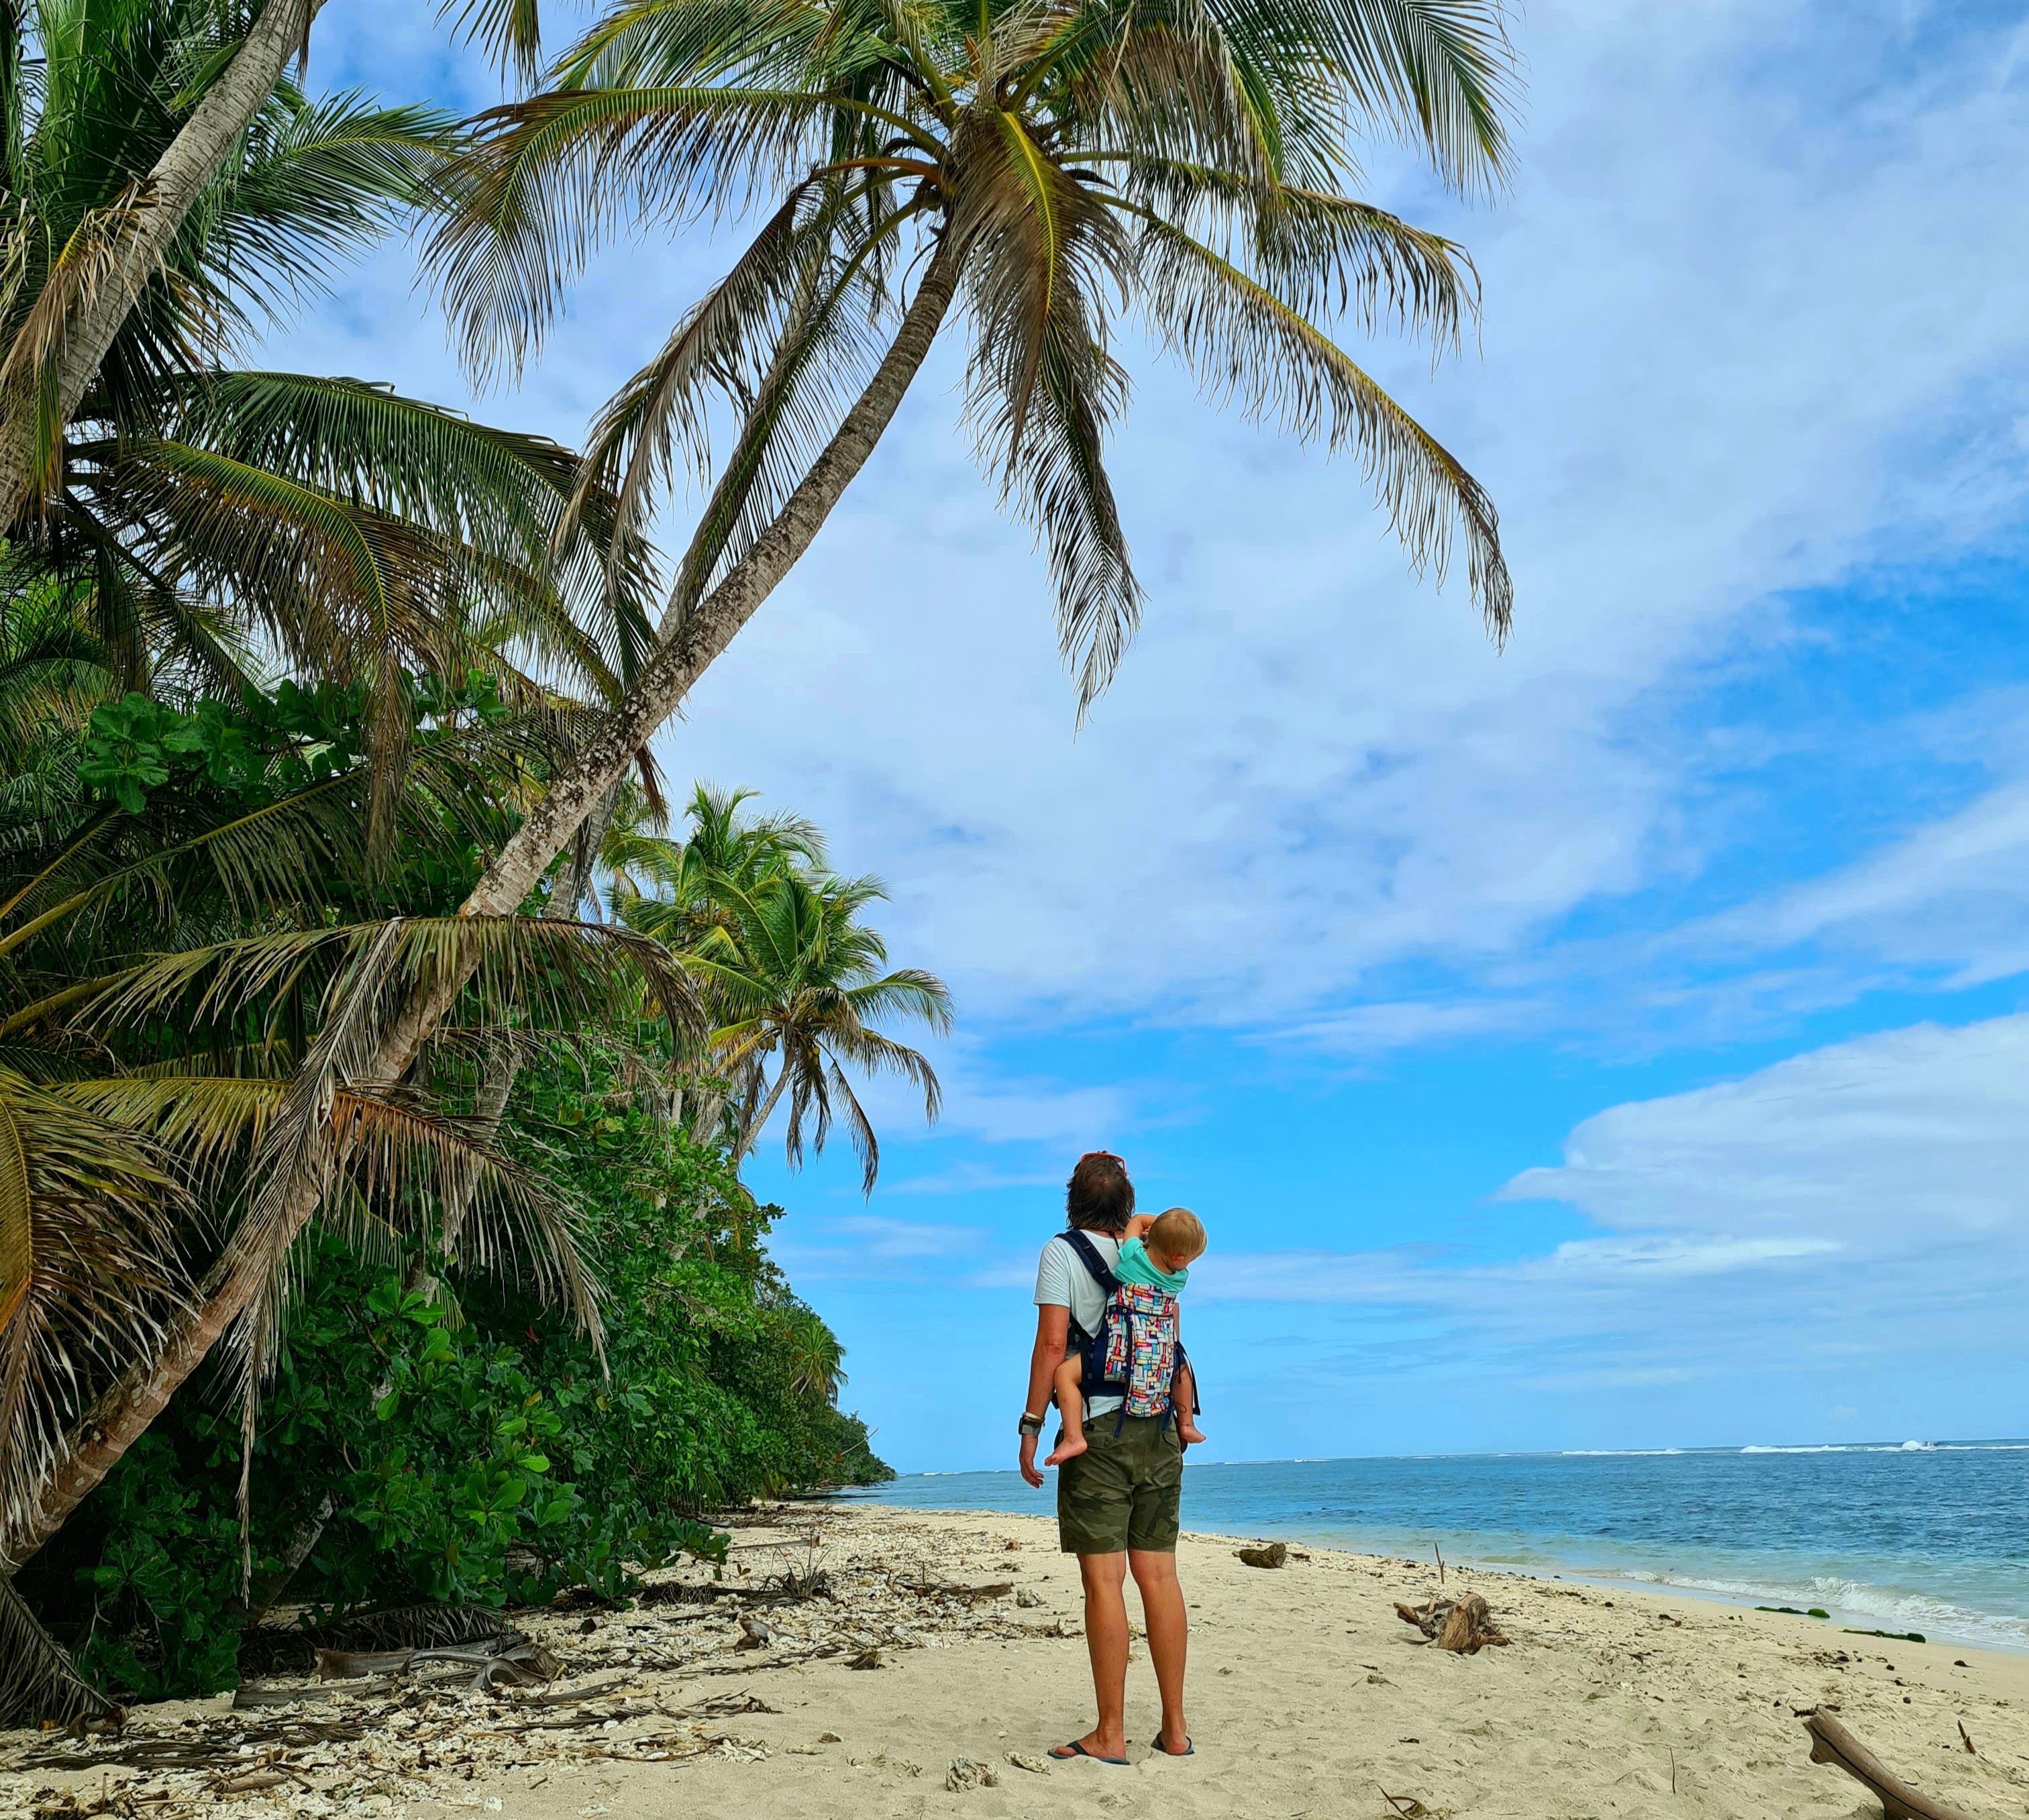 Hátizsákos karibi kalandozások egy kétévessel